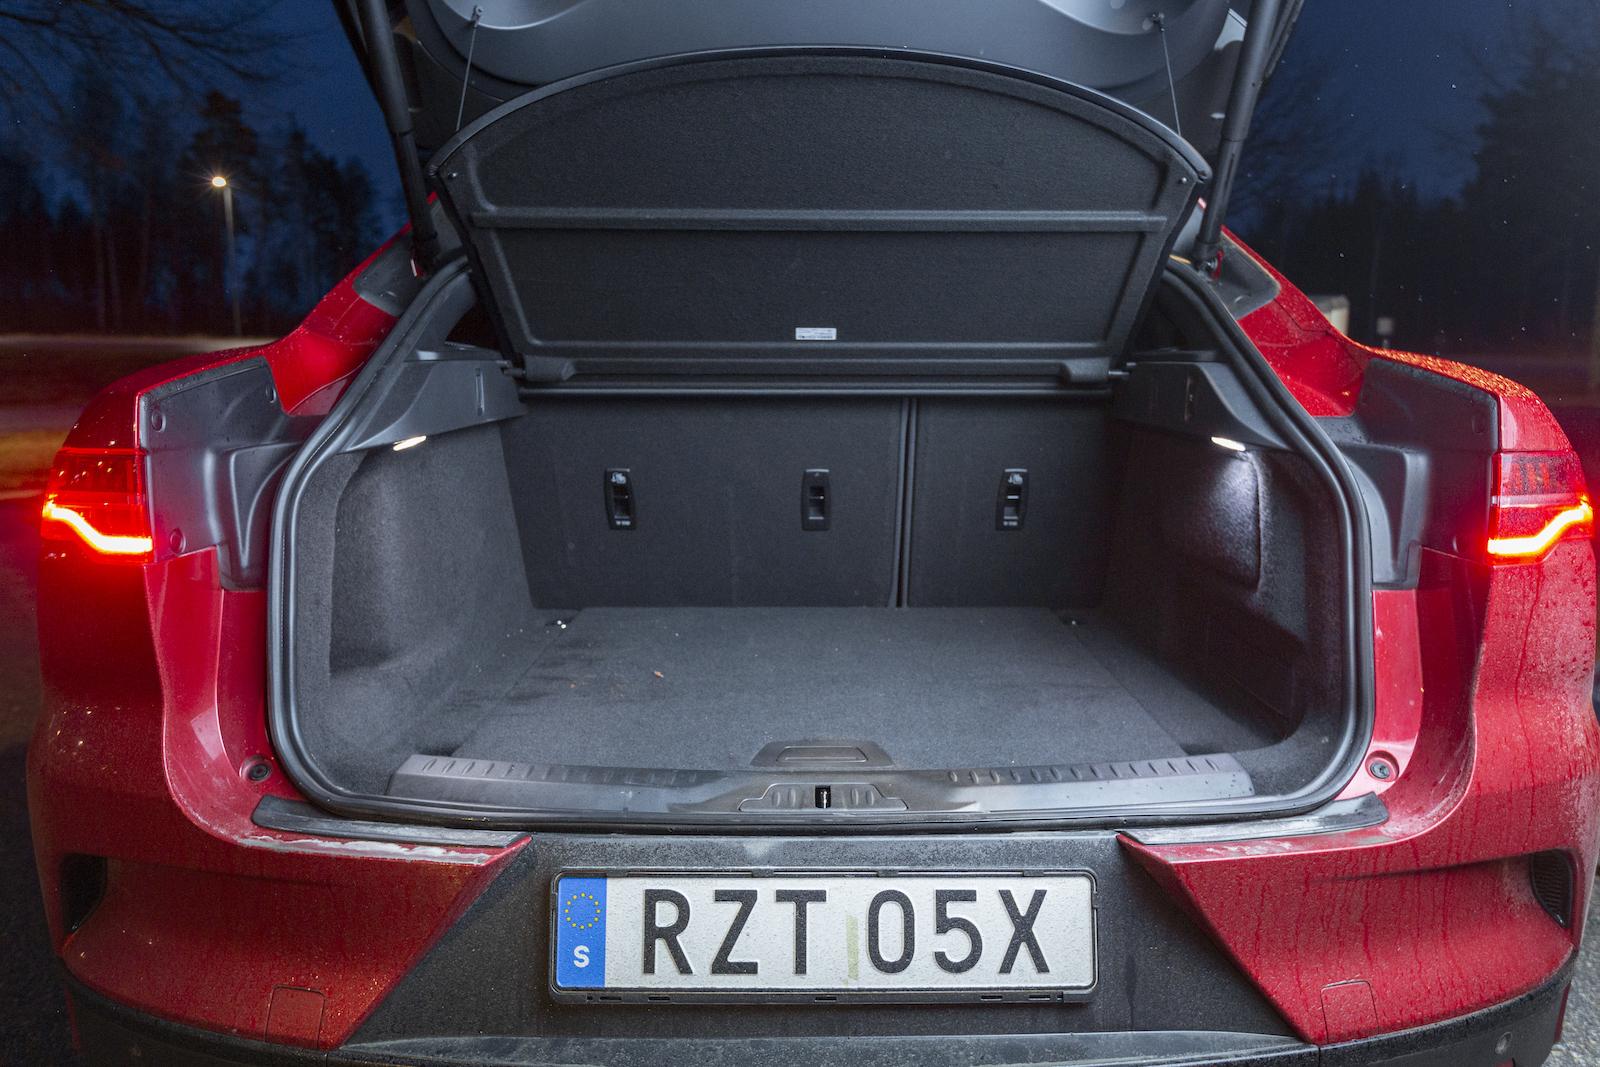 Jaguar: Prydligt bagageutrymme. Baksätet fälls i 60/40 och likt i Audi blir lastytan inte helt plan, det straffar sig storligen när läskbackarna ska lastas in. Mindre justeringar av bagageutrymmets sidor skulle ge I-Pace ytterligare 3–4 backar. Under lastgolvet finns mindre fack.